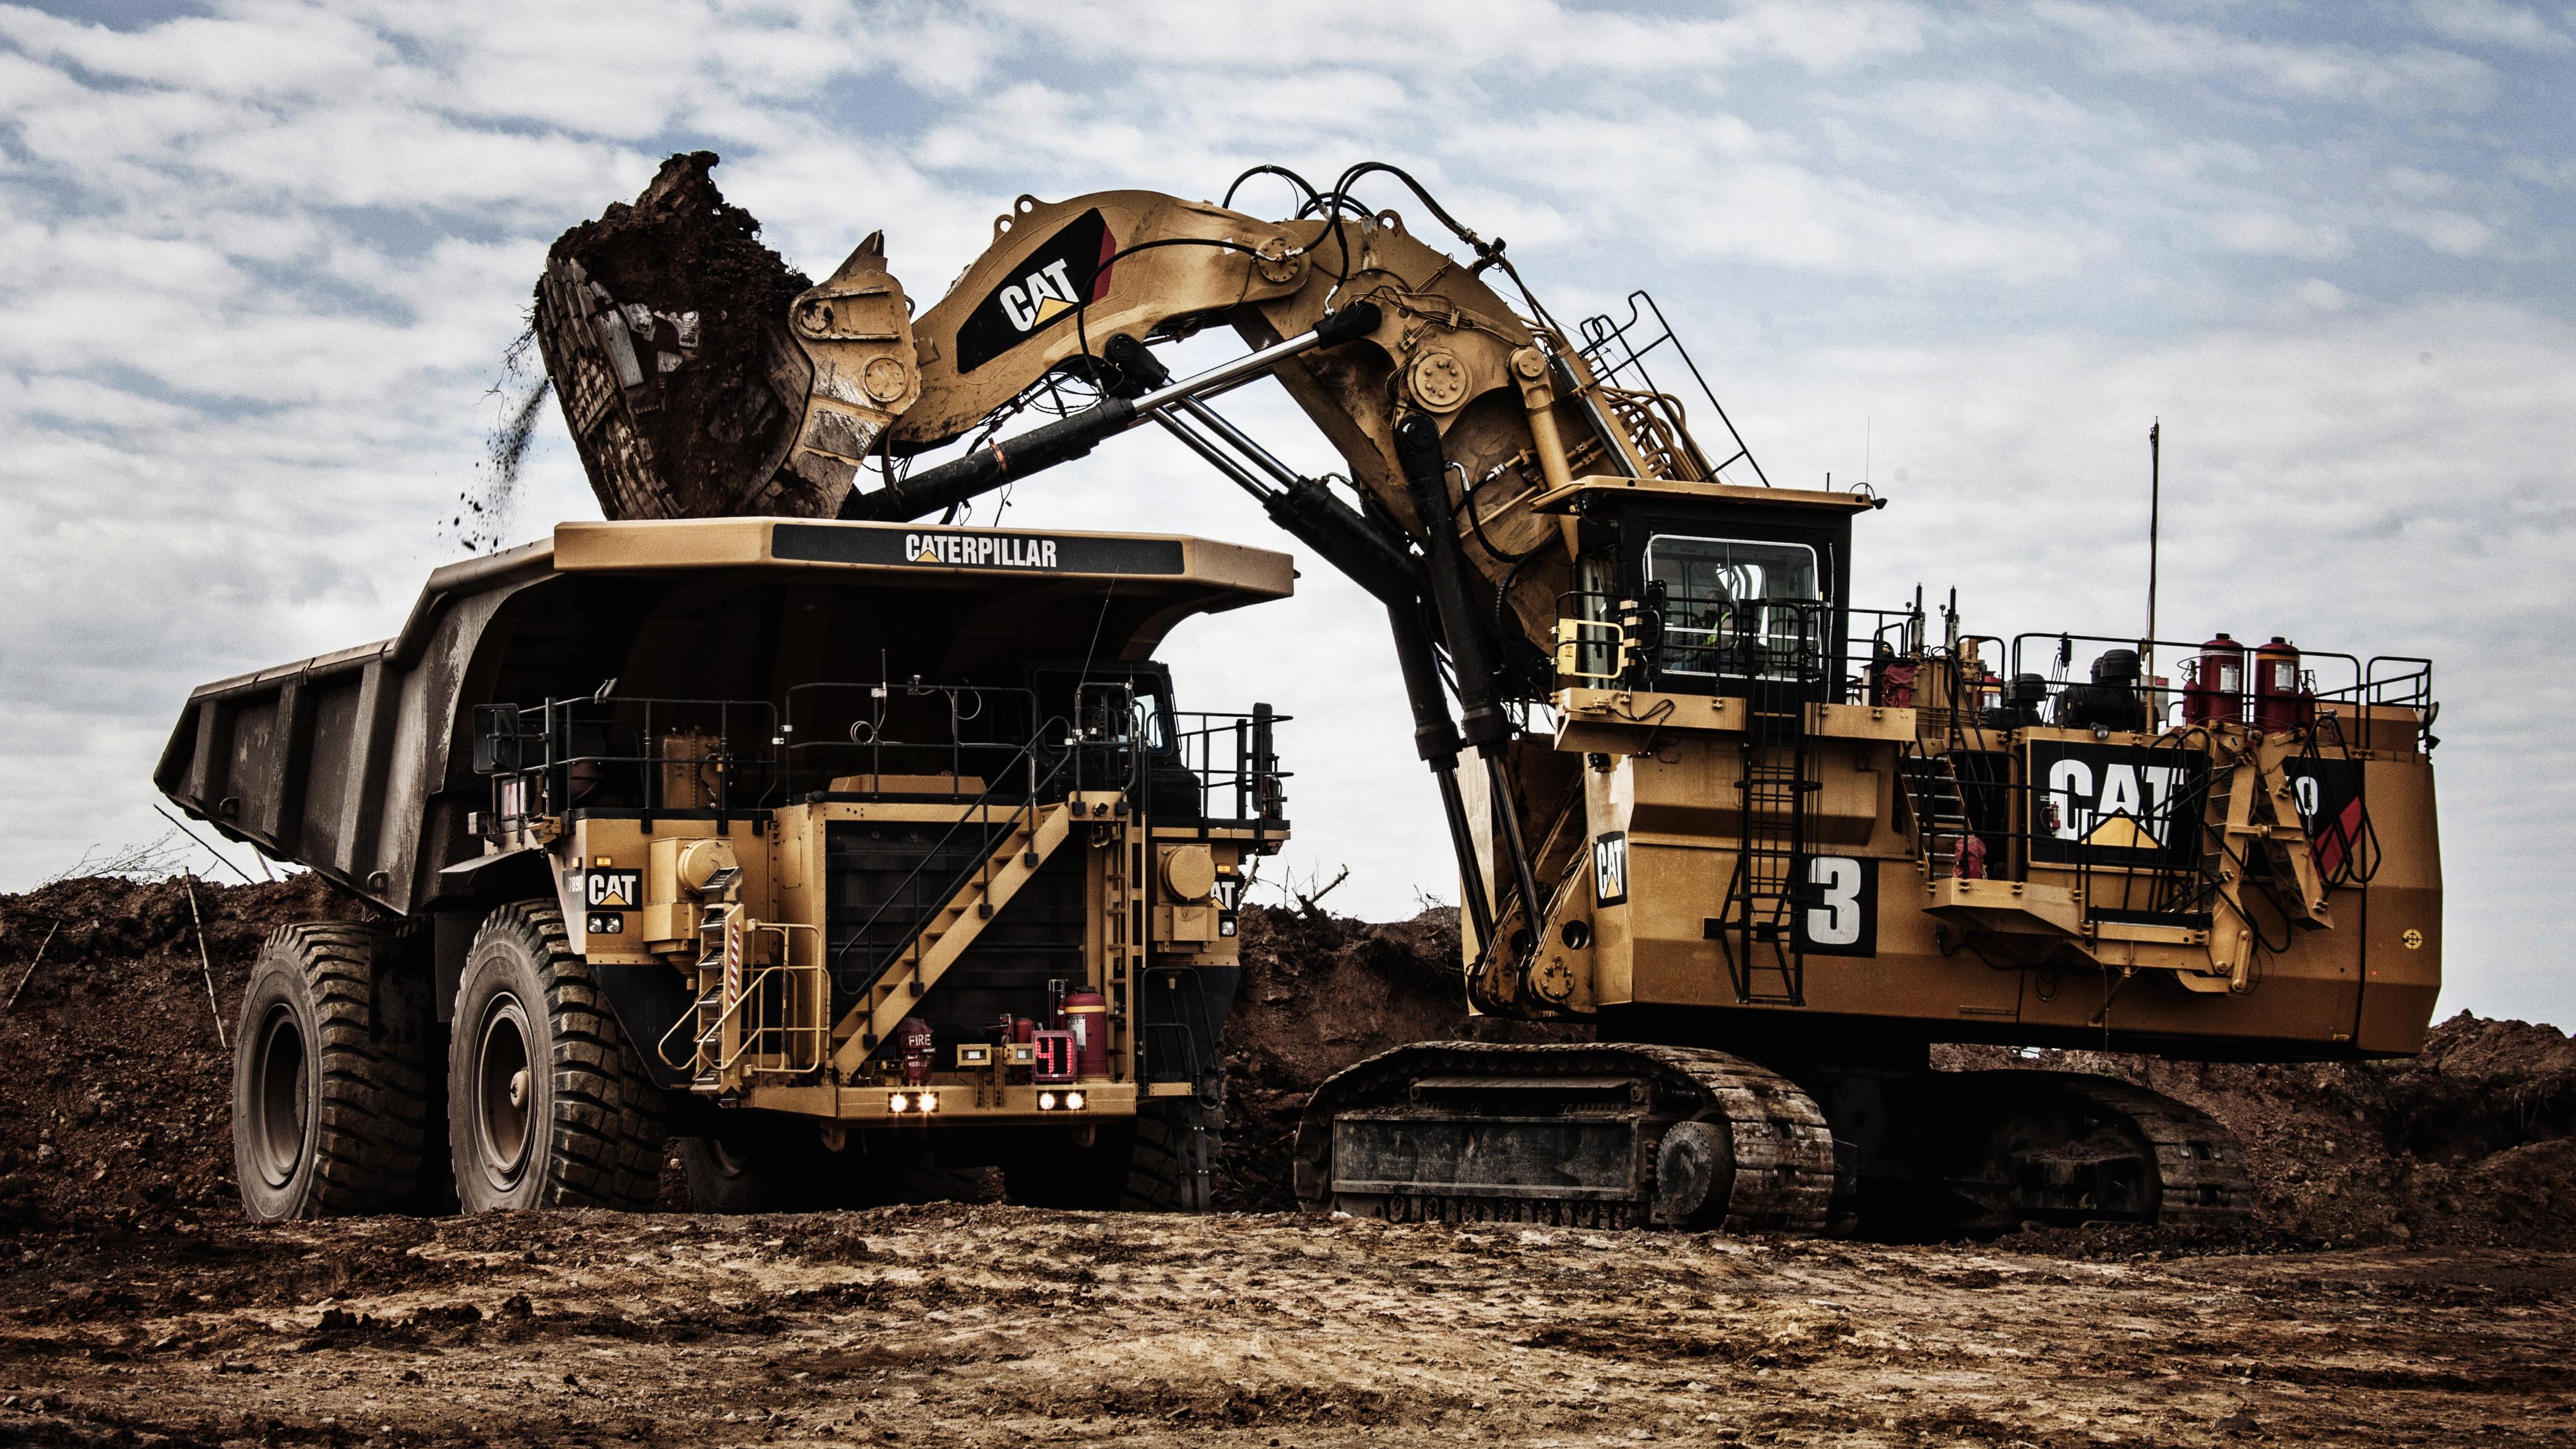 Wallpaper Caterpillar 789d Dump Truck Excavator